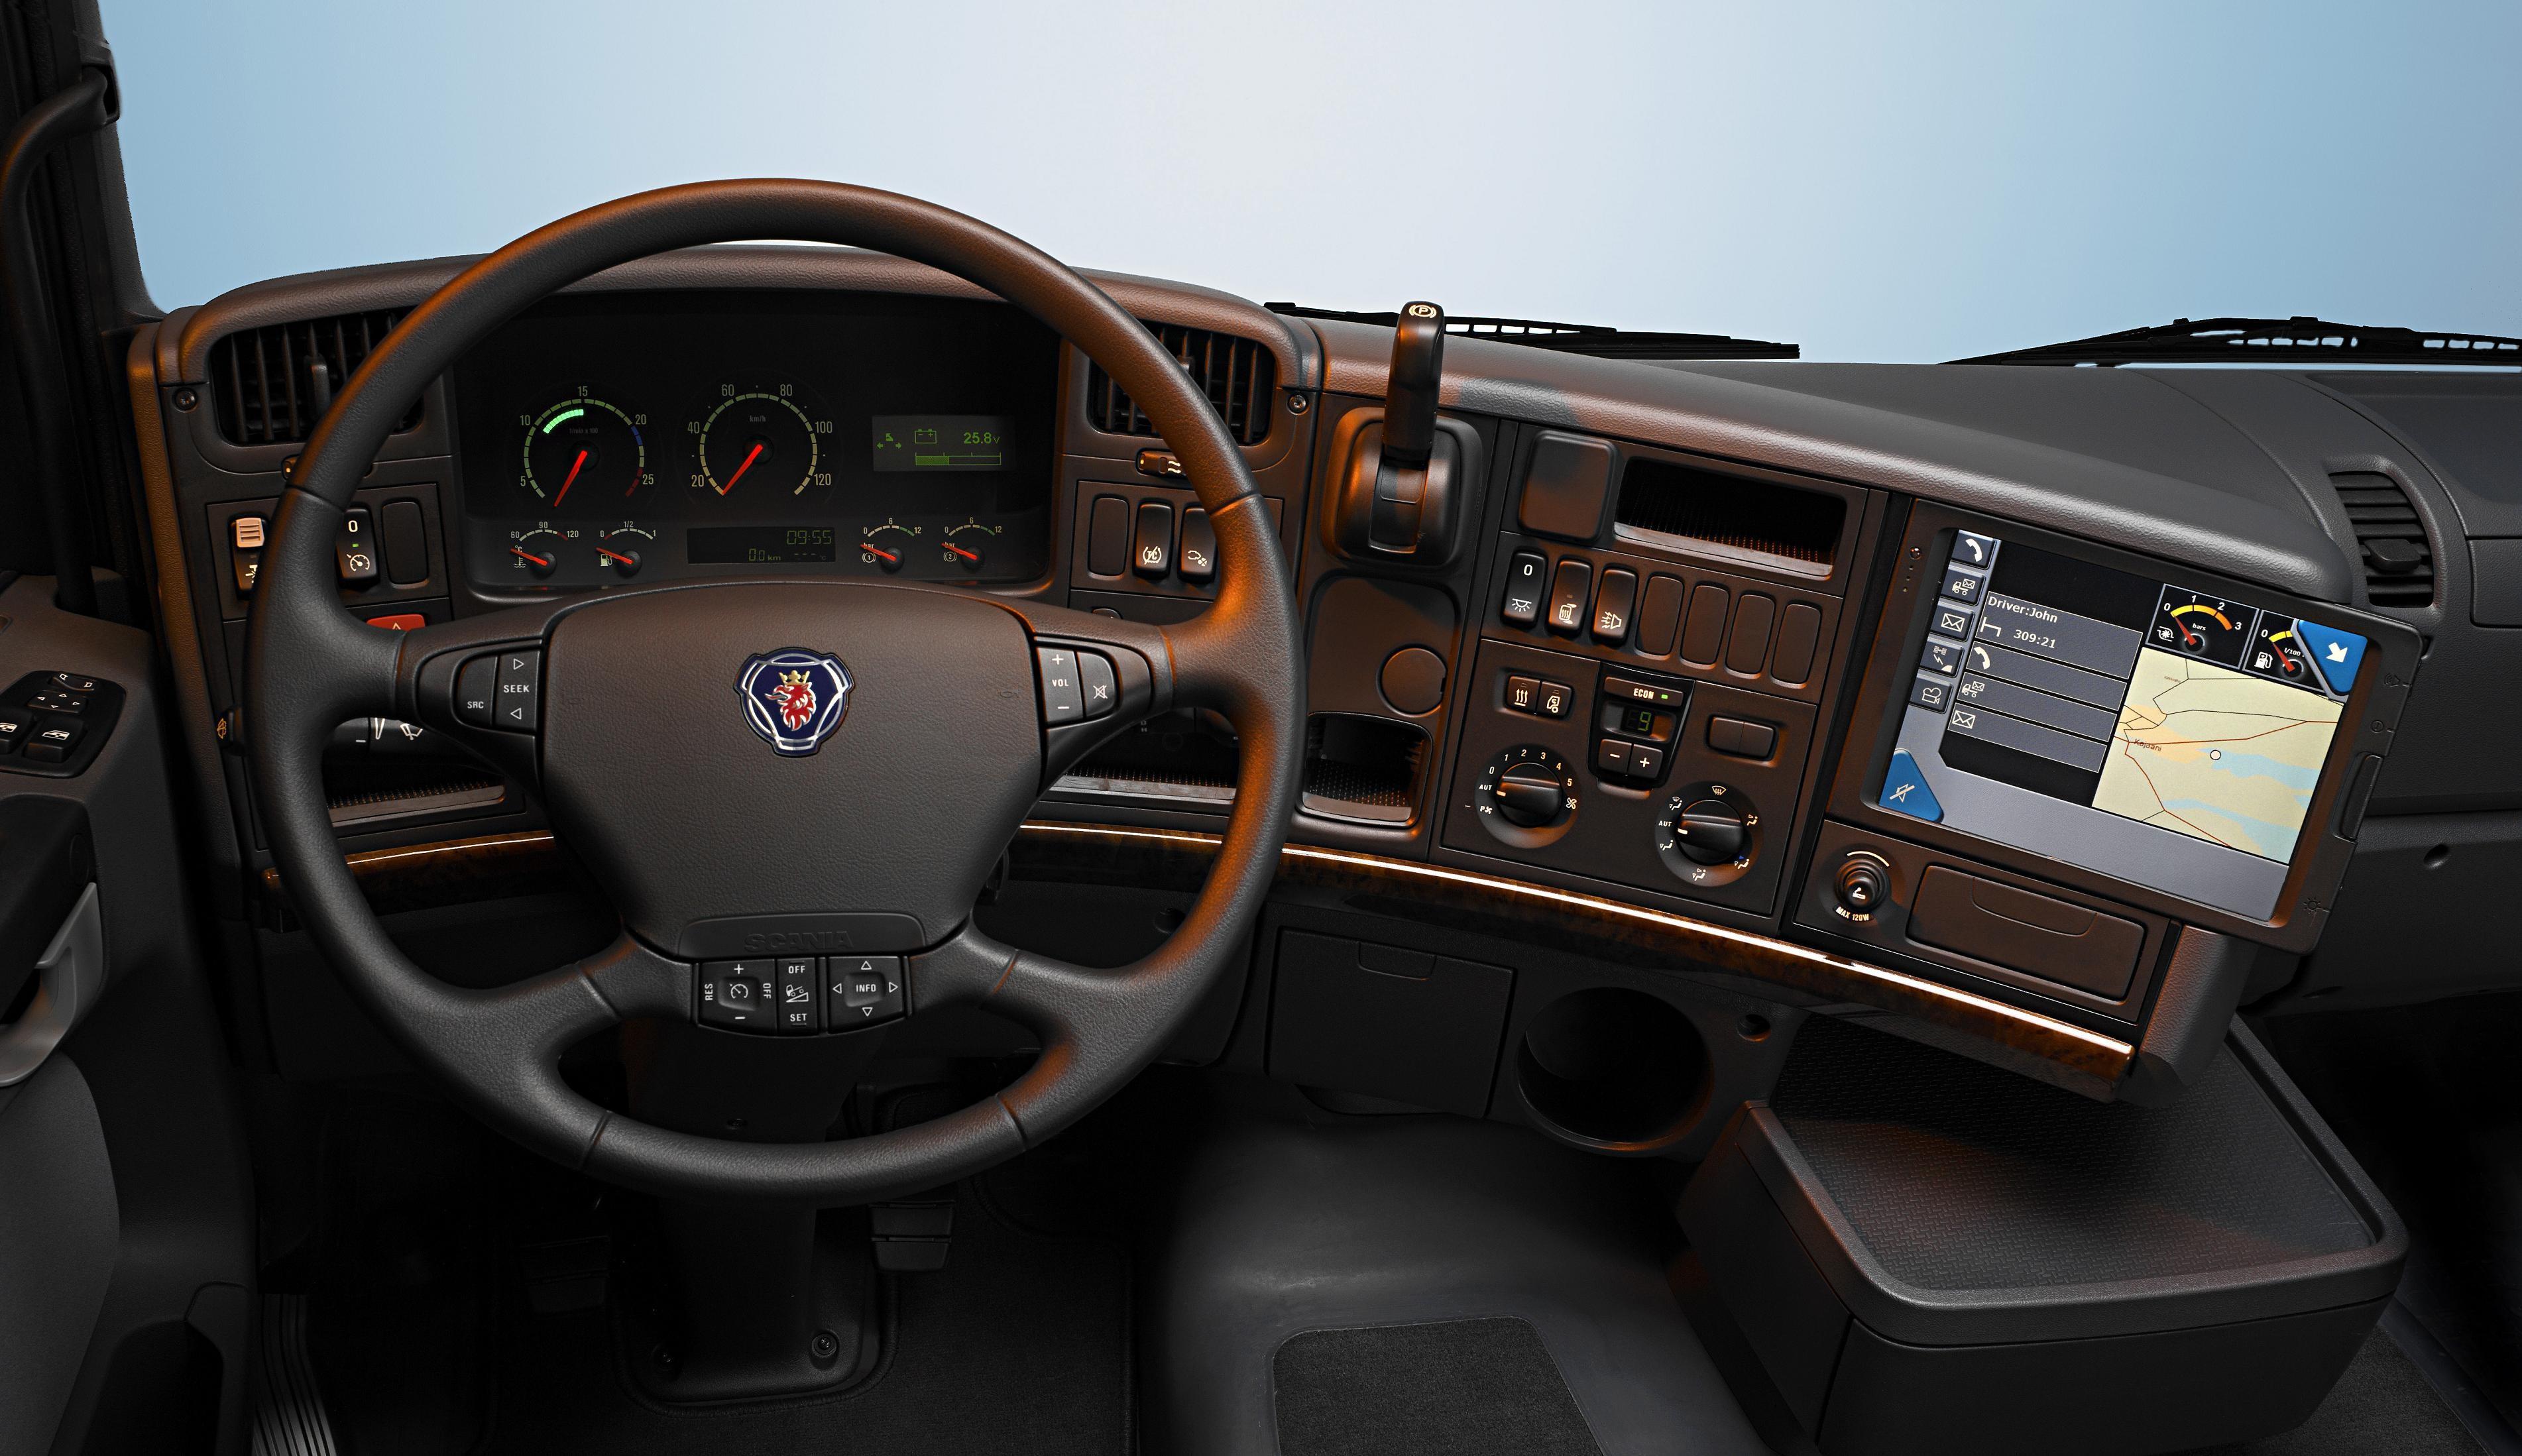 General 3805x2197 Scania truck steering wheel vehicle